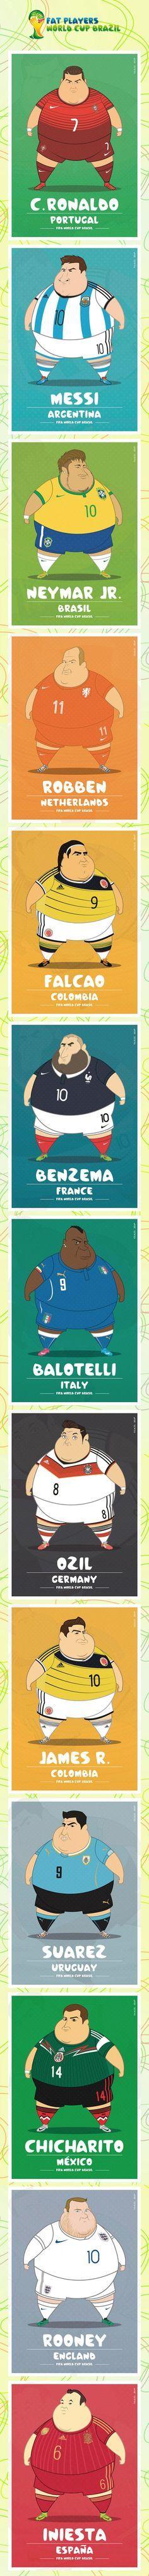 Mundial Brasil 2014. Jugadores de fútbol gordos